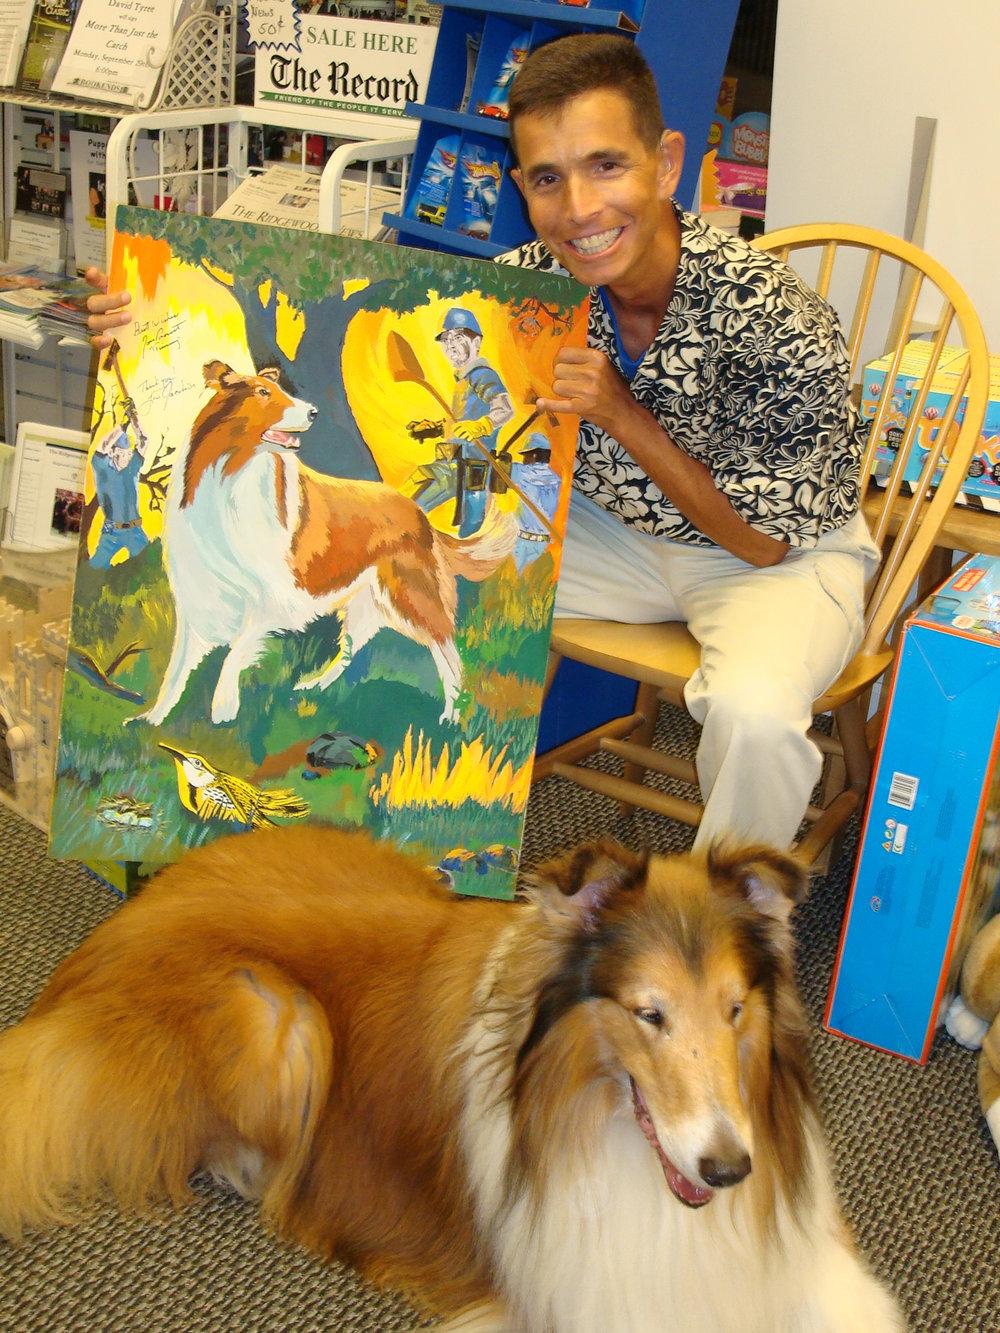 My Acryllic Painting of Lassie